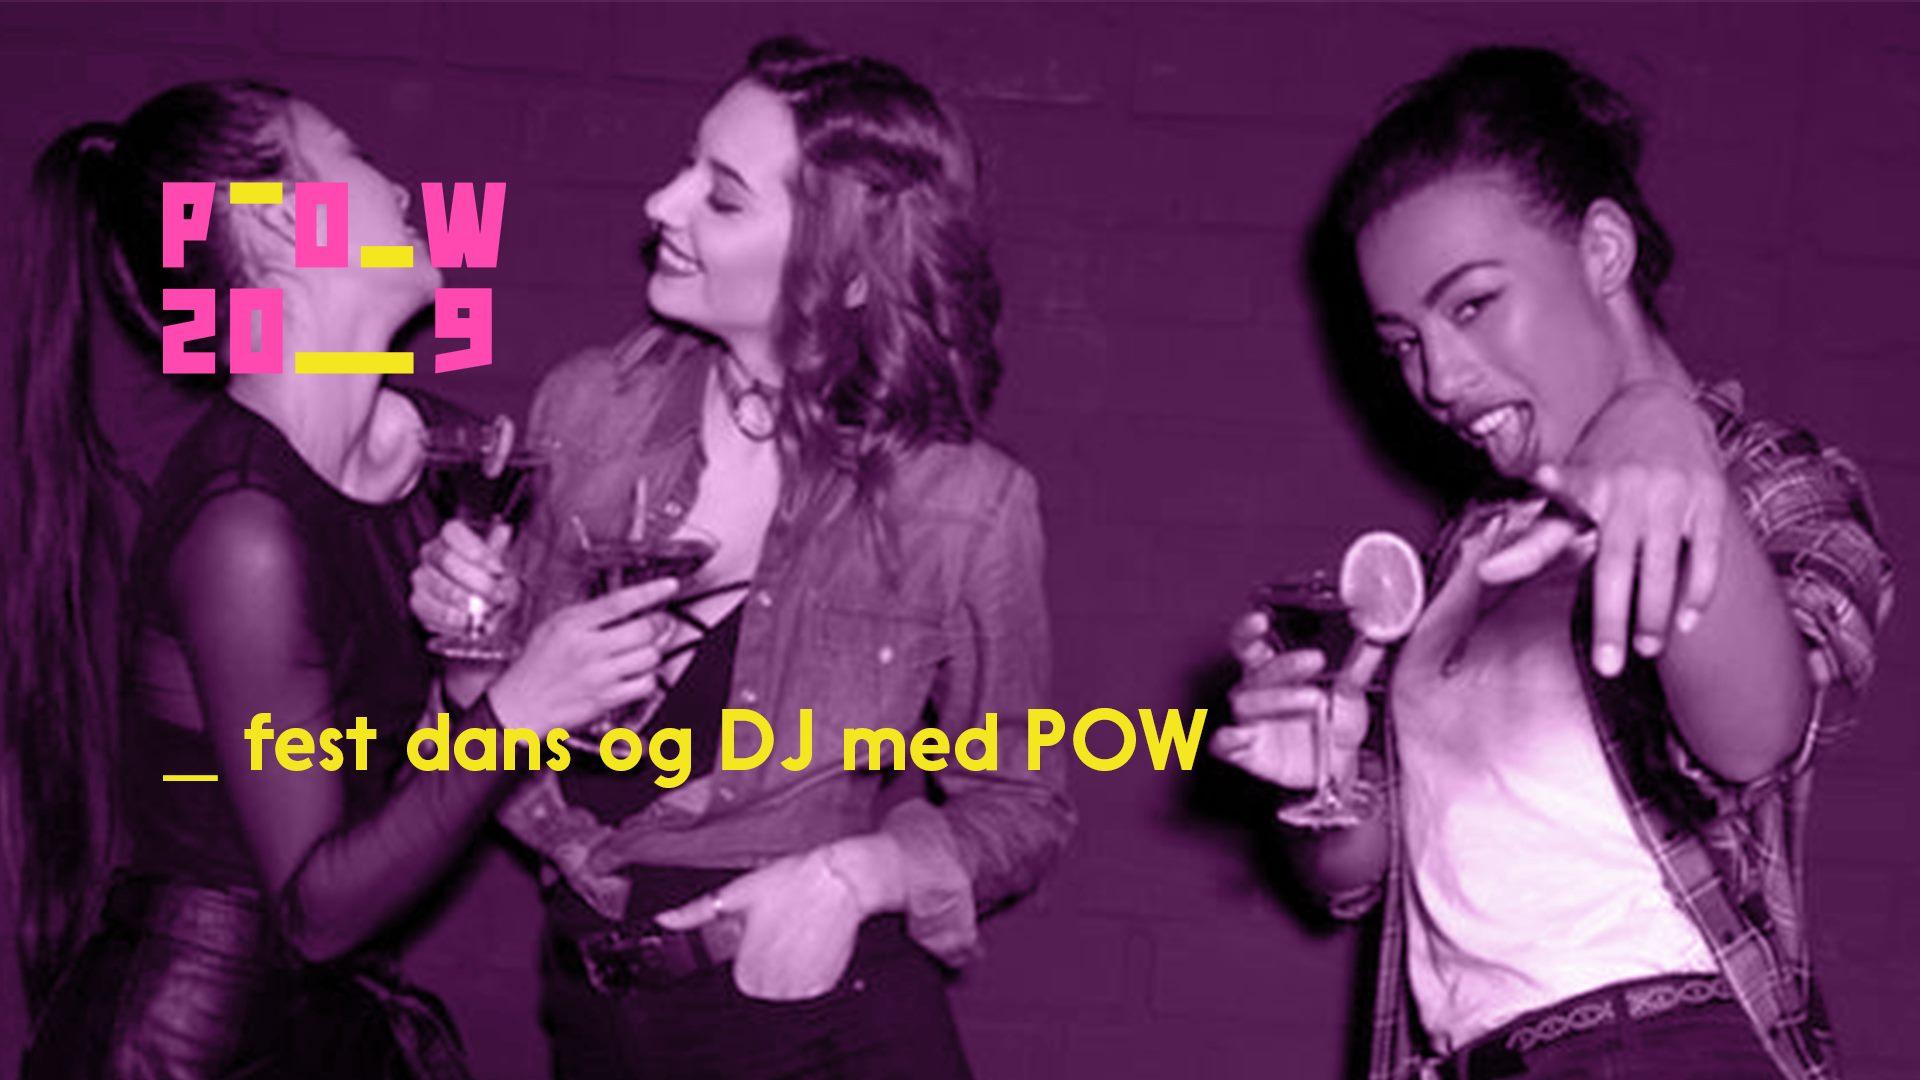 Dans og DJ med POW